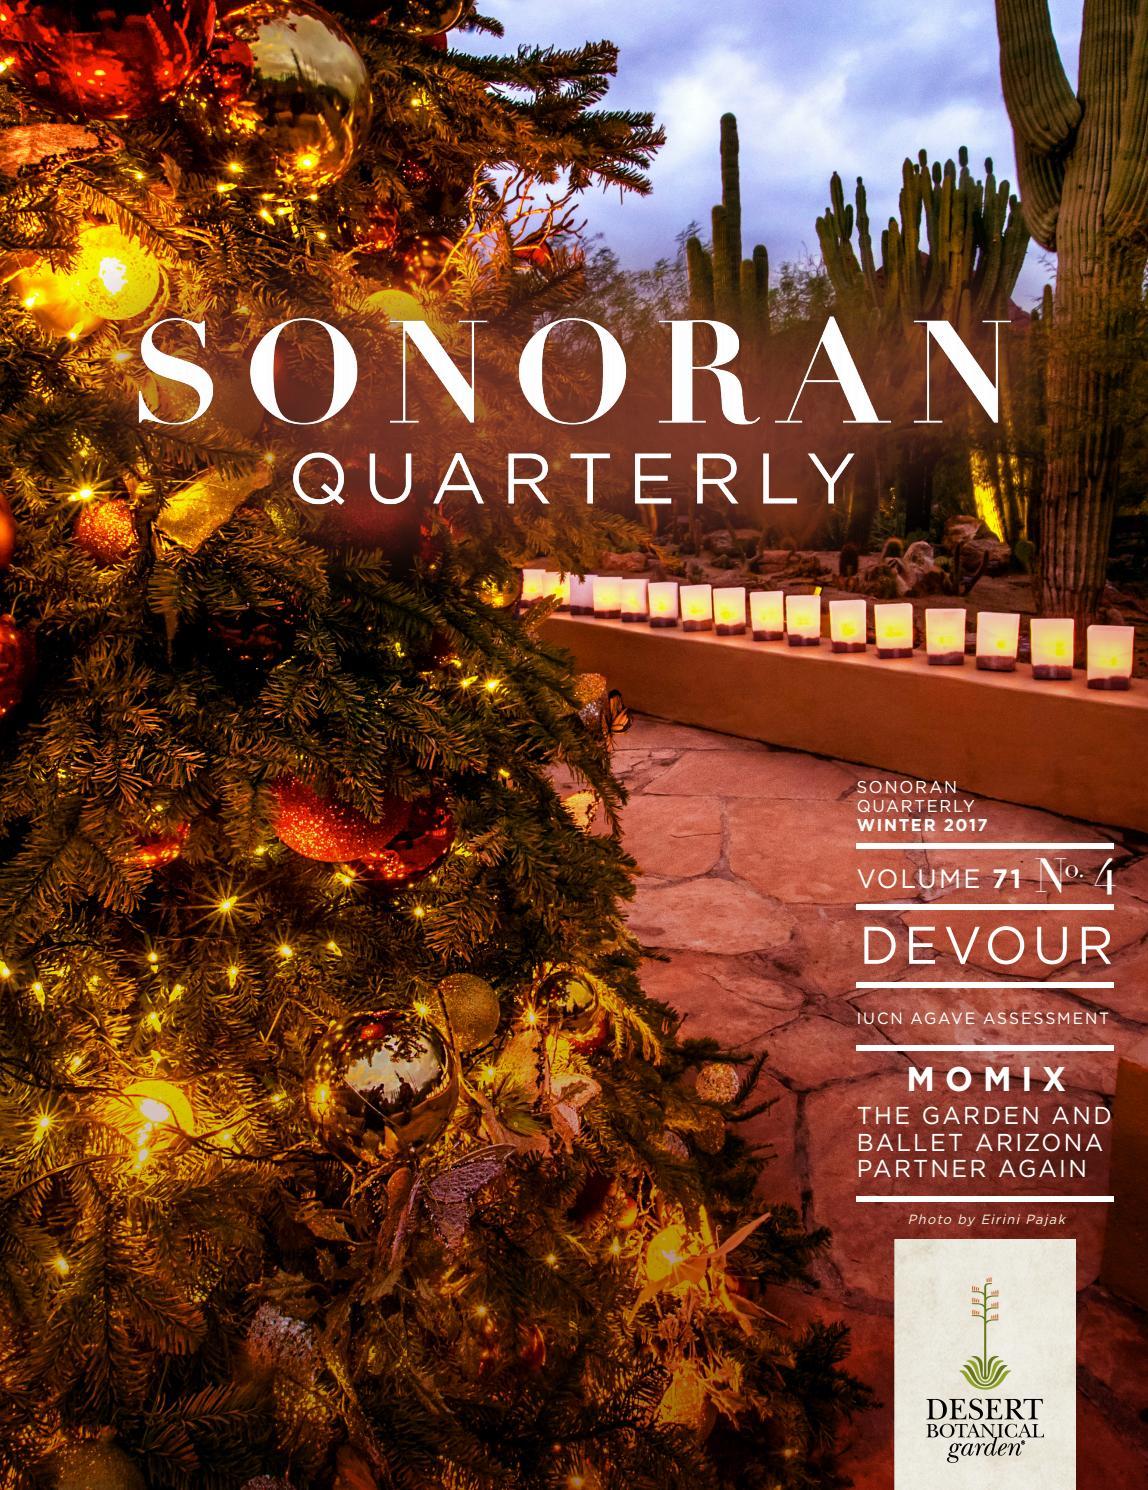 Sonoran Quarterly - Winter 2017 by Desert Botanical Garden - issuu